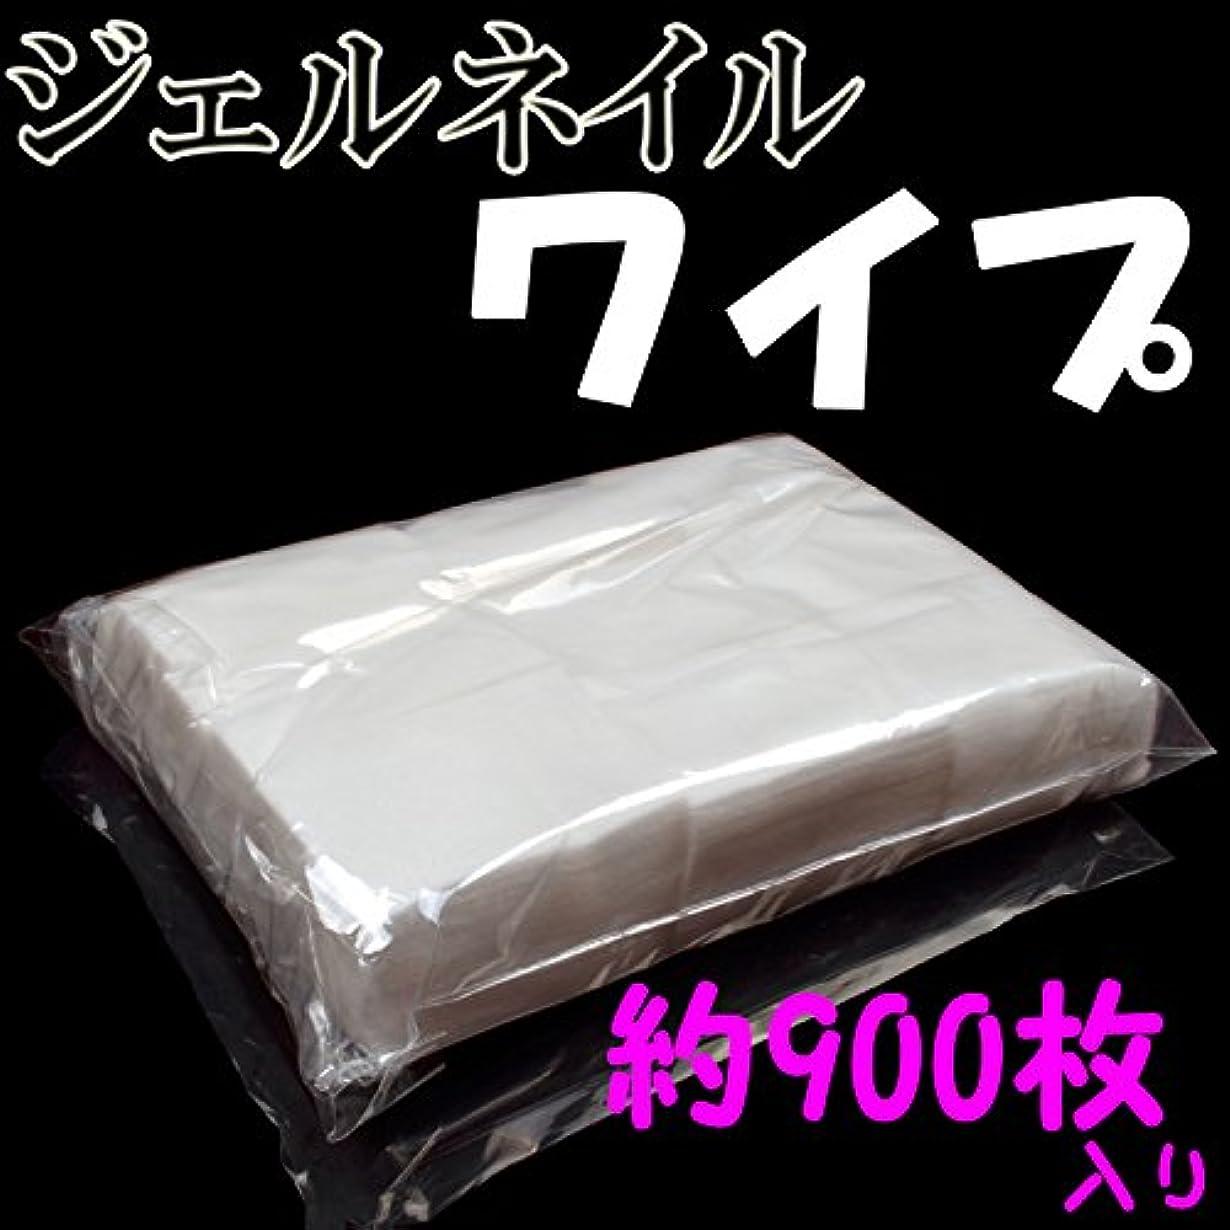 ウェブ目指すボランティアジェルネイル ワイプ コットン 約900枚 未硬化ジェルの拭き取りに (ソフトタイプ)